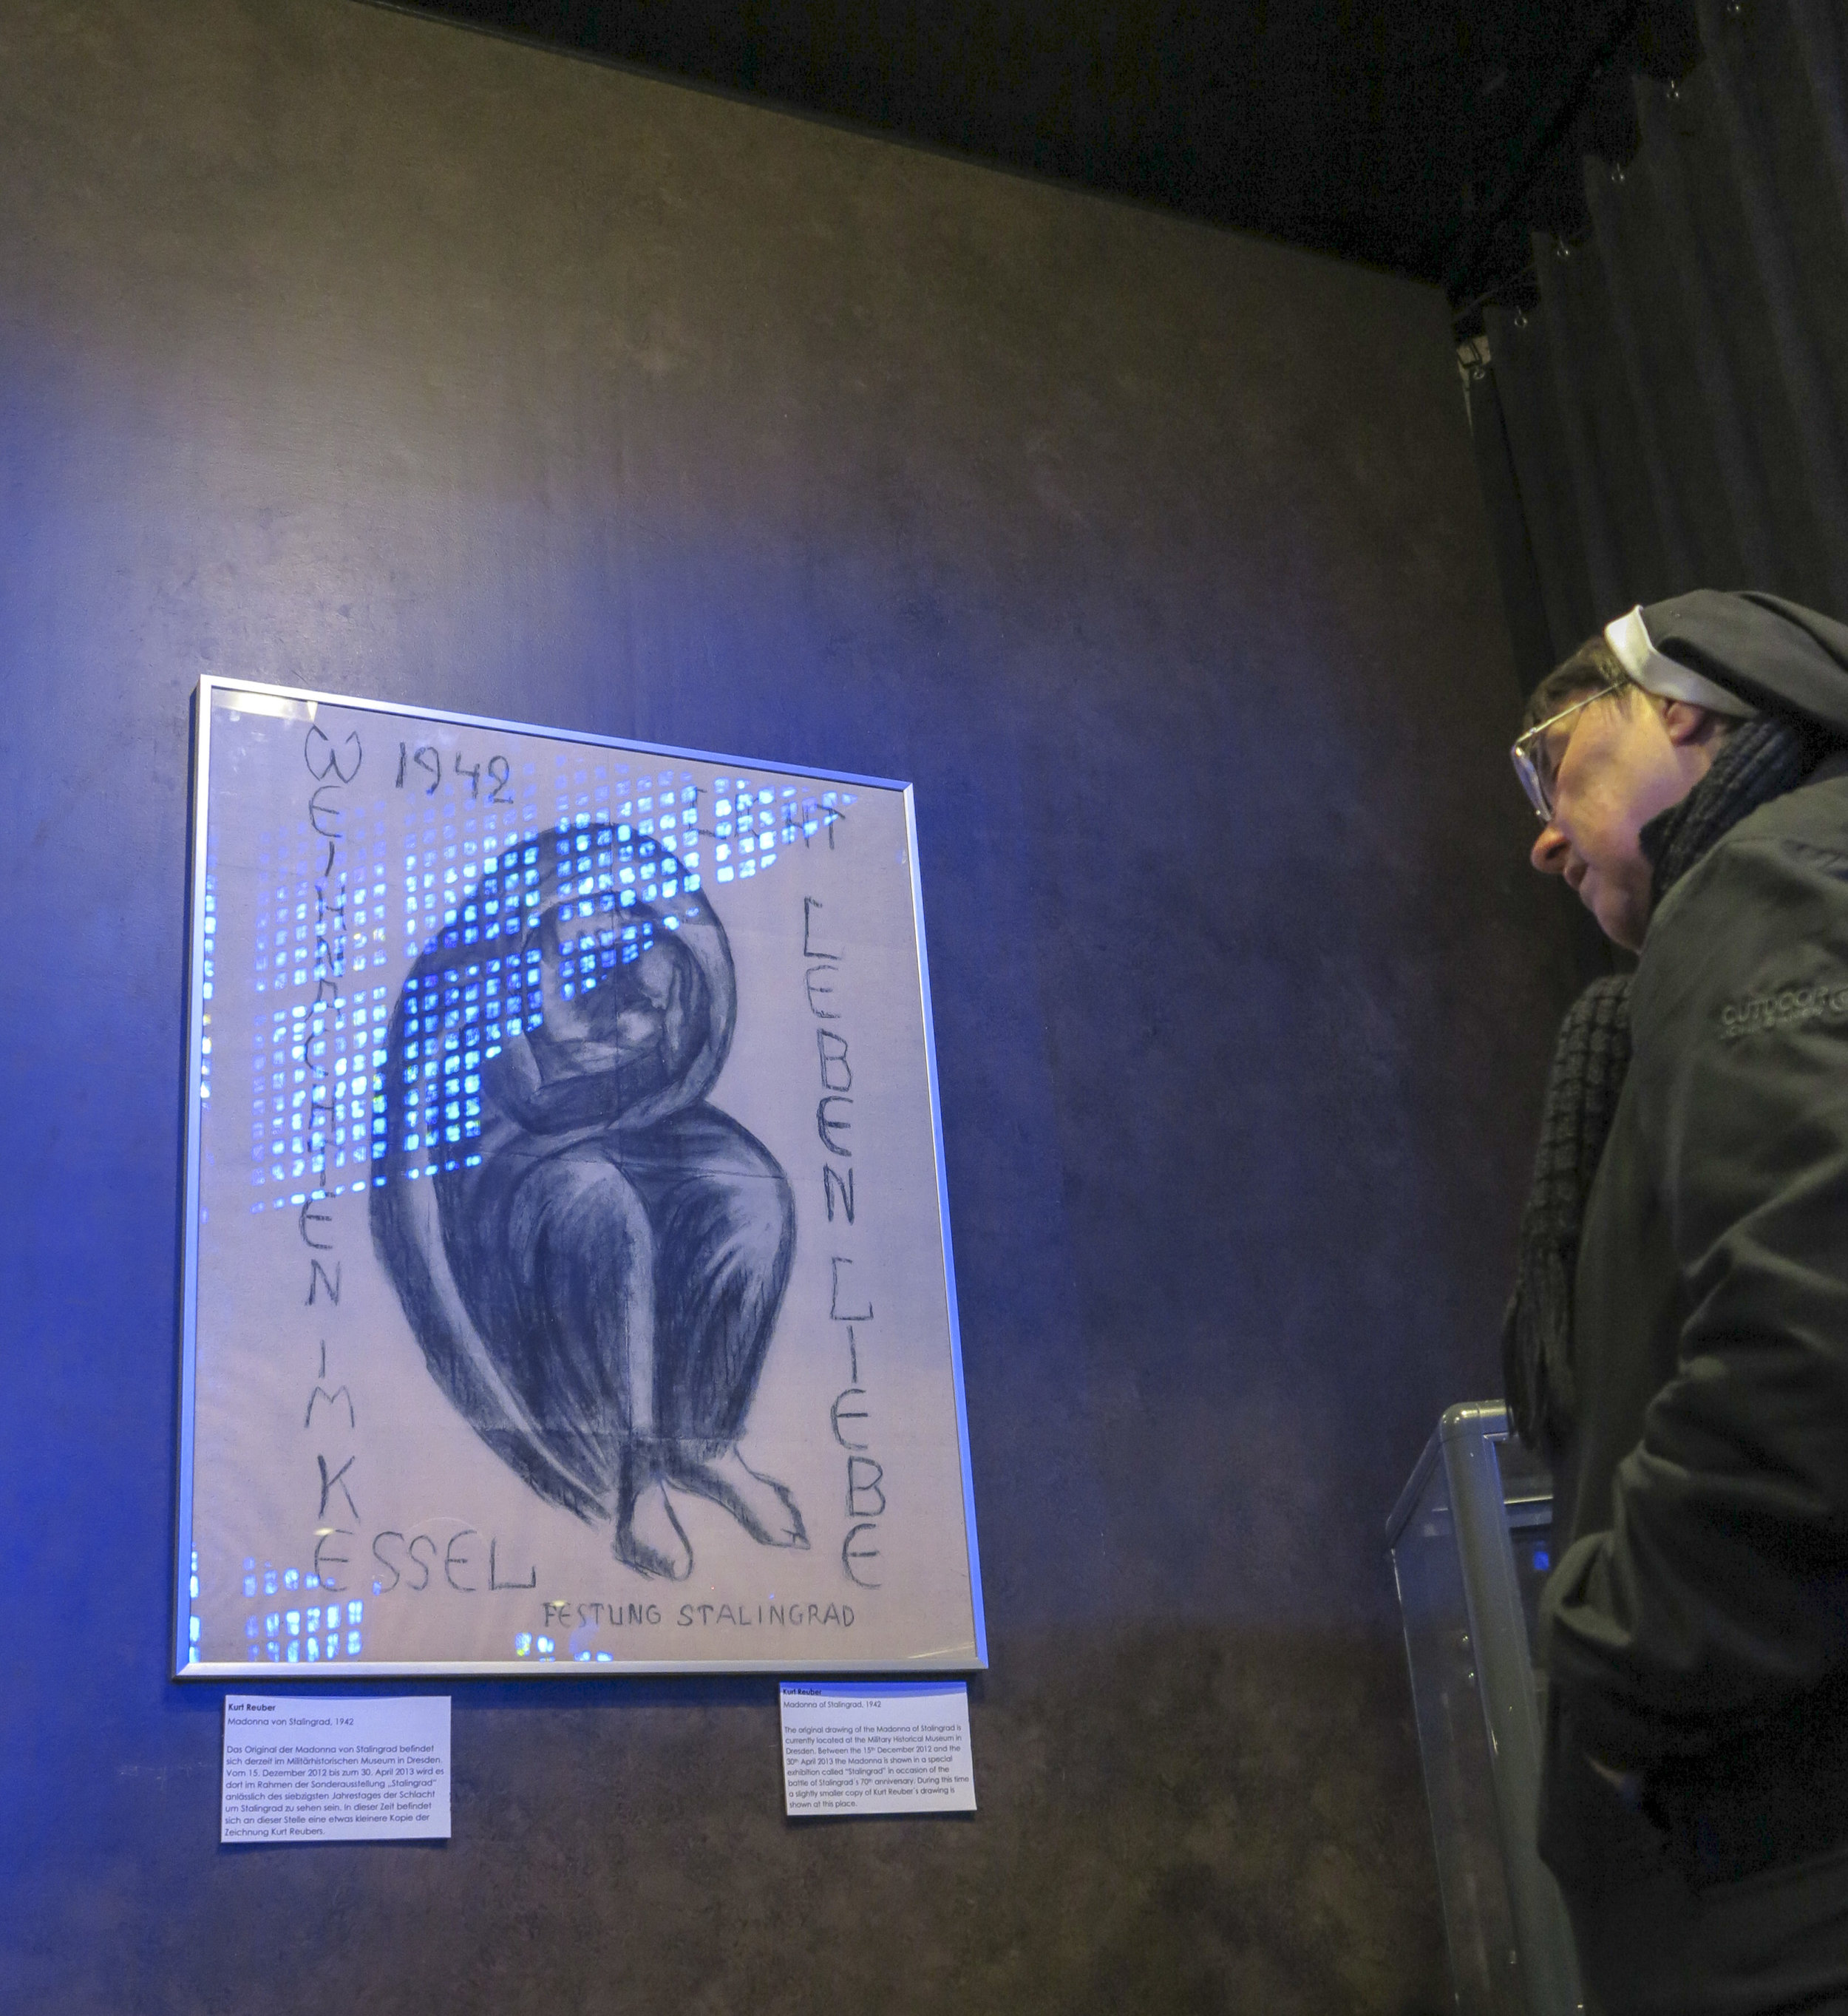 De Madonna van Stalingrad in Berlijn